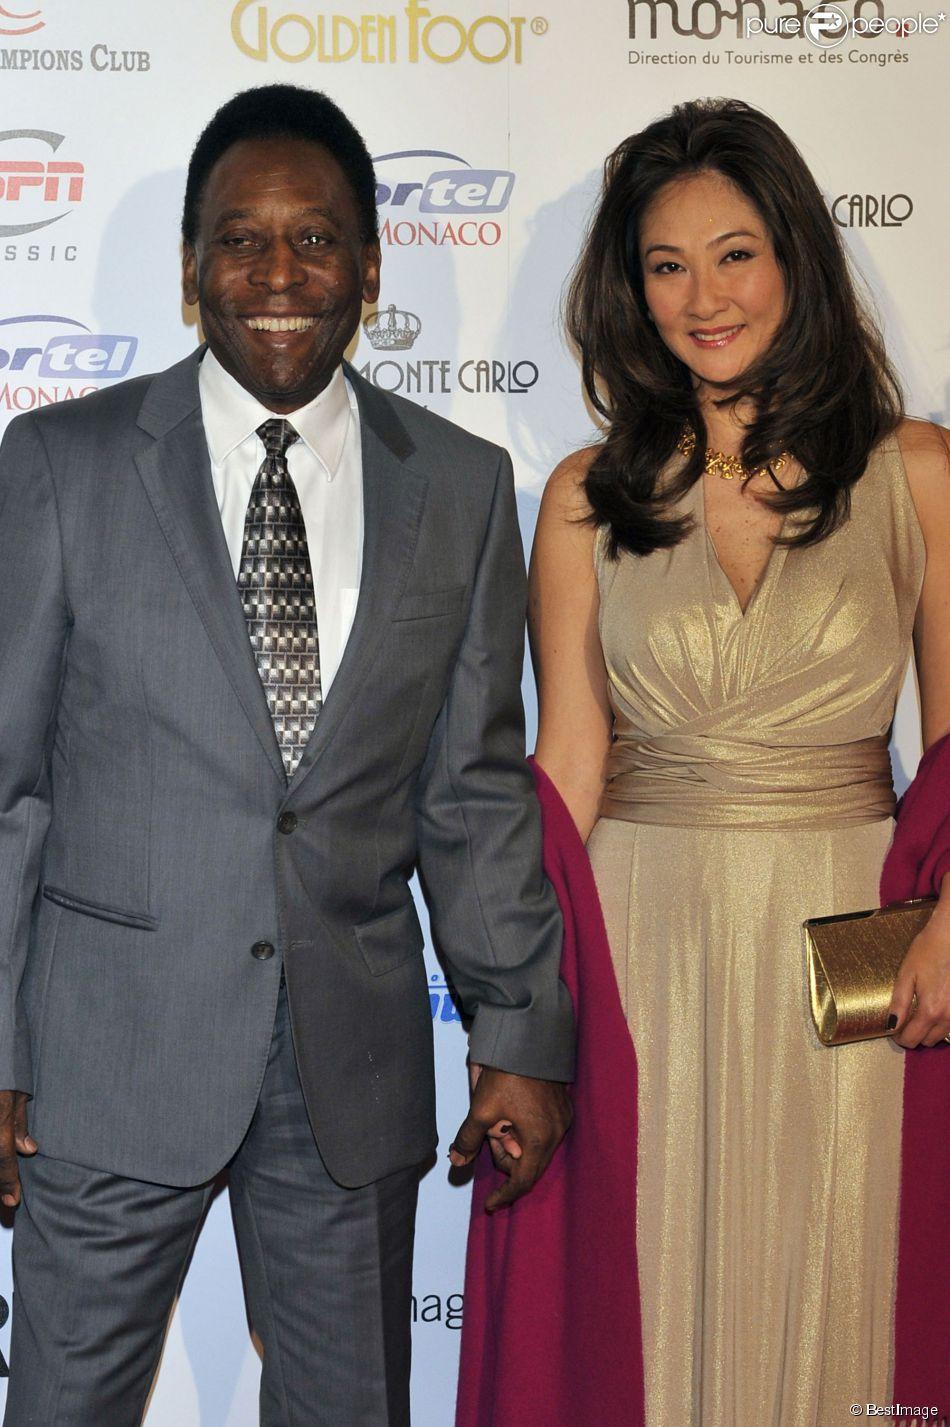 Pelé et sa fiancée Marcia Cibele Aoki à Monaco le 17 Avril 2012.